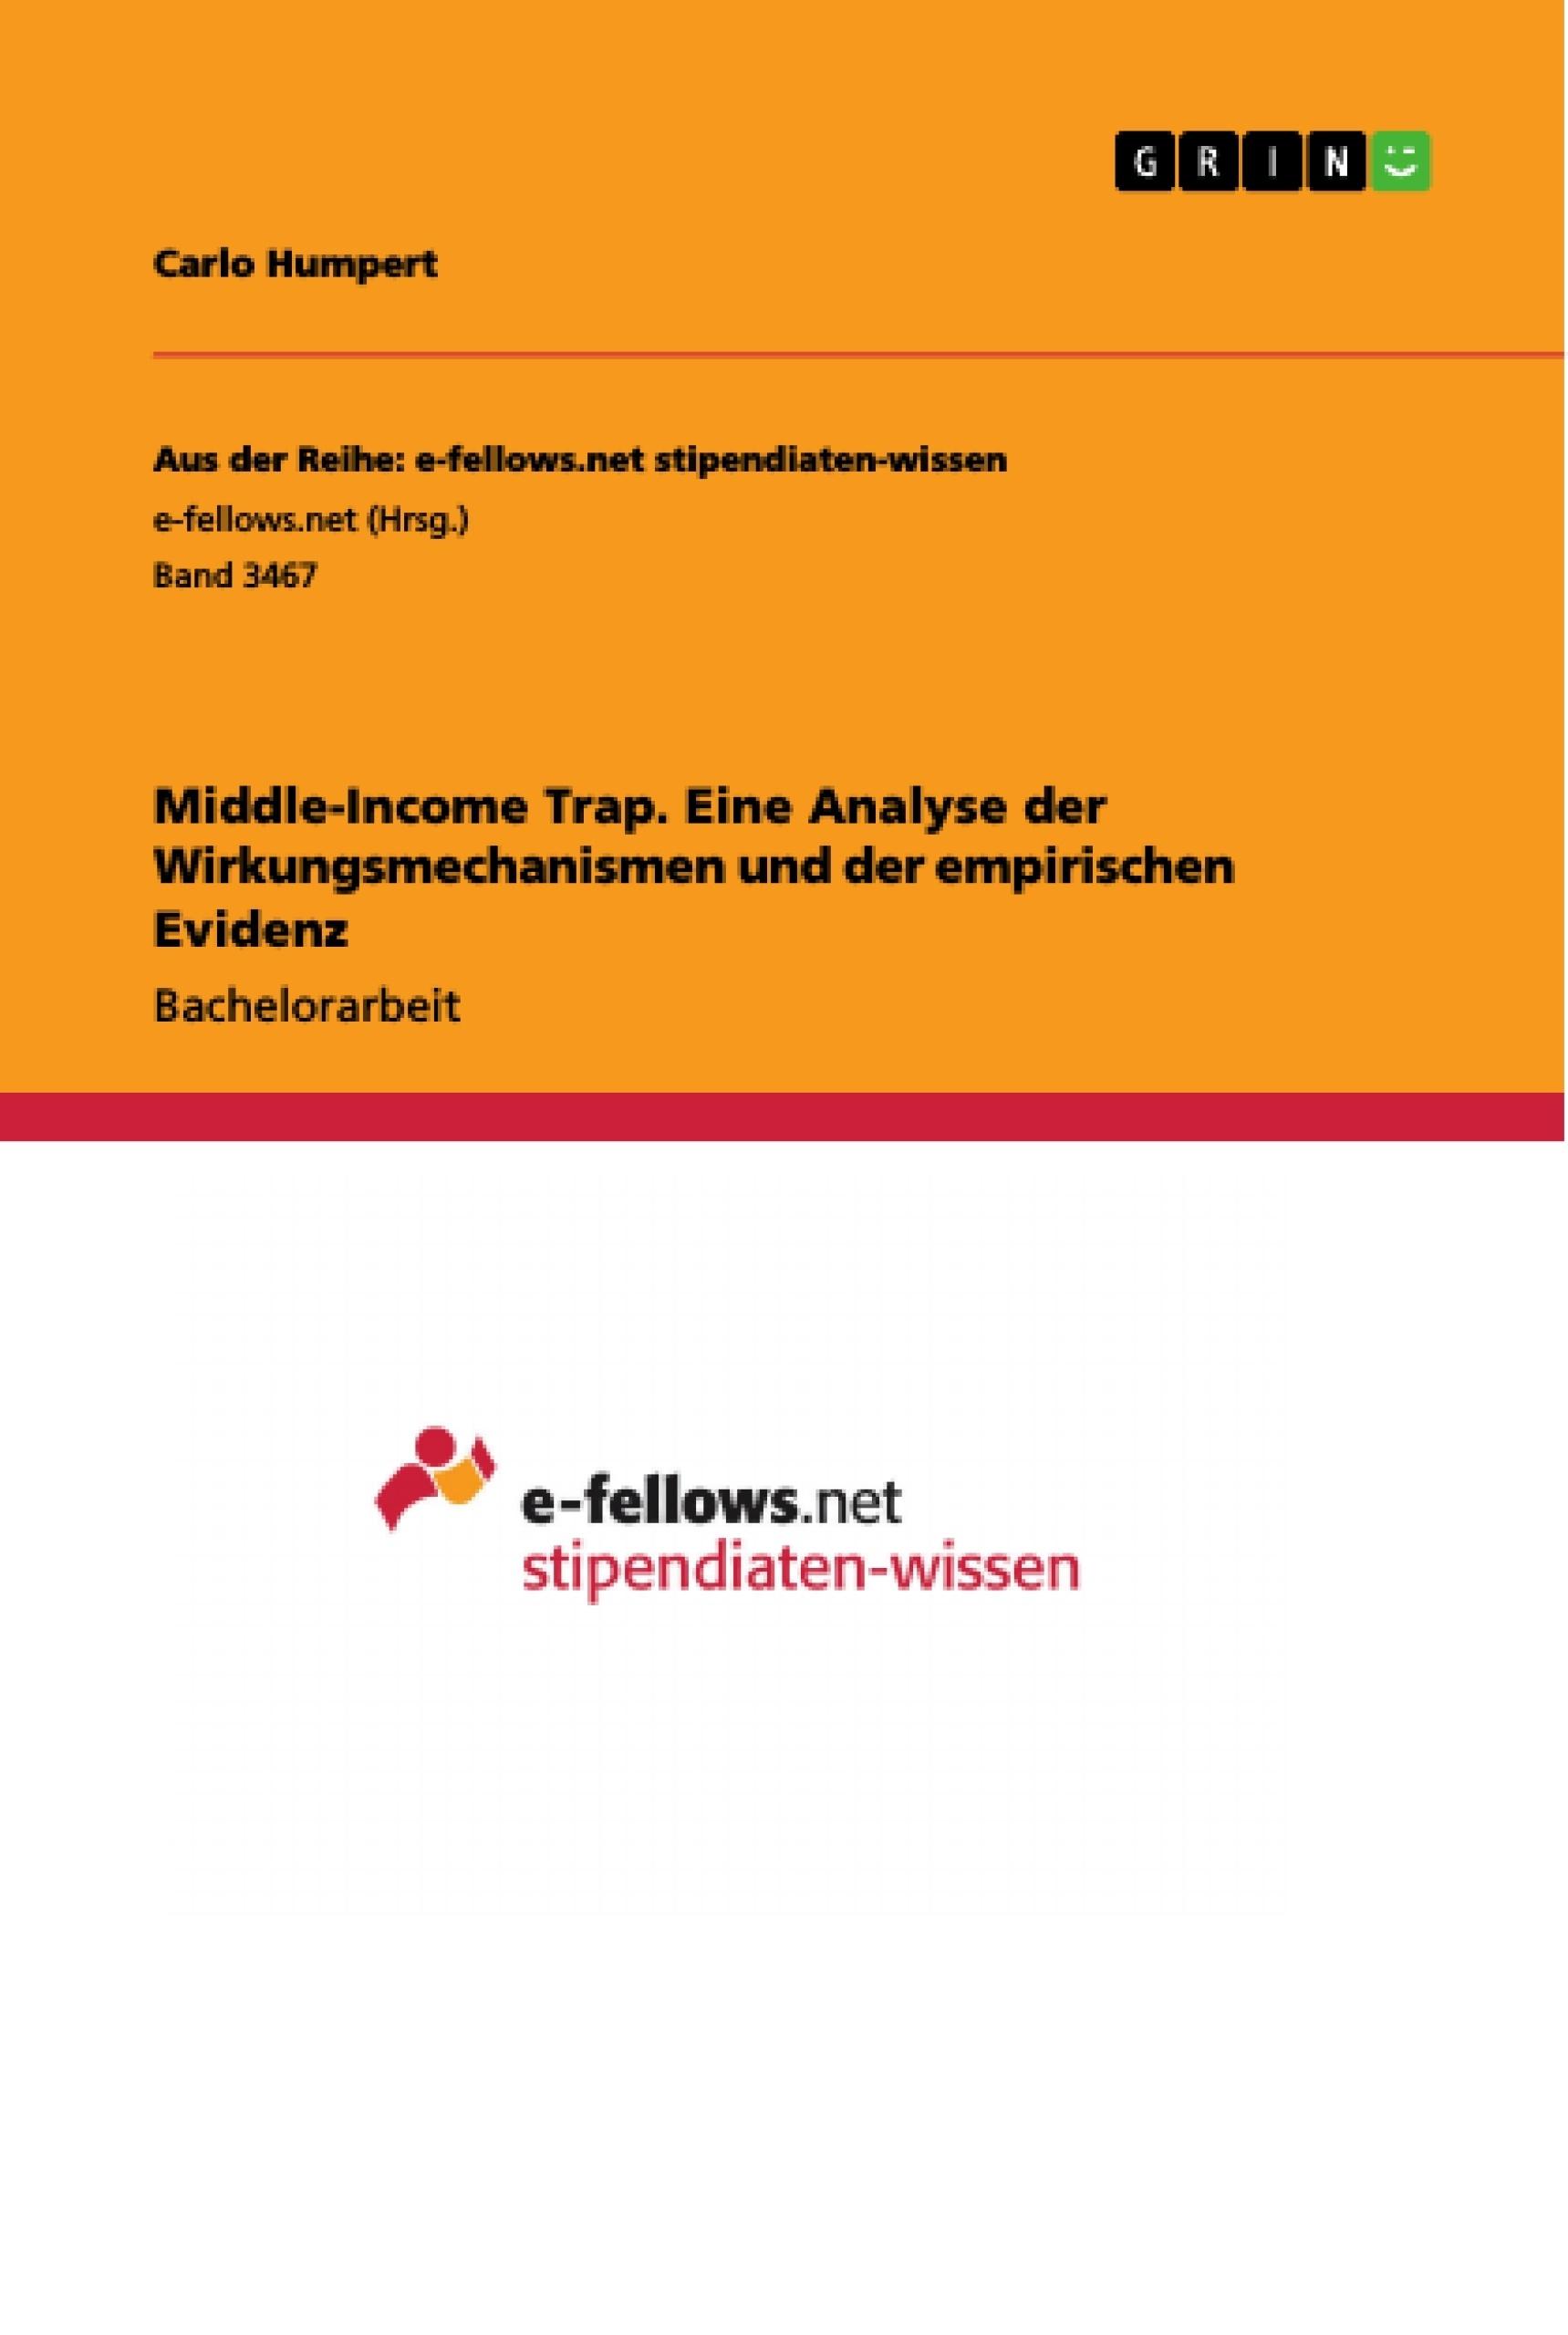 Titel: Middle-Income Trap. Eine Analyse der Wirkungsmechanismen und der empirischen Evidenz